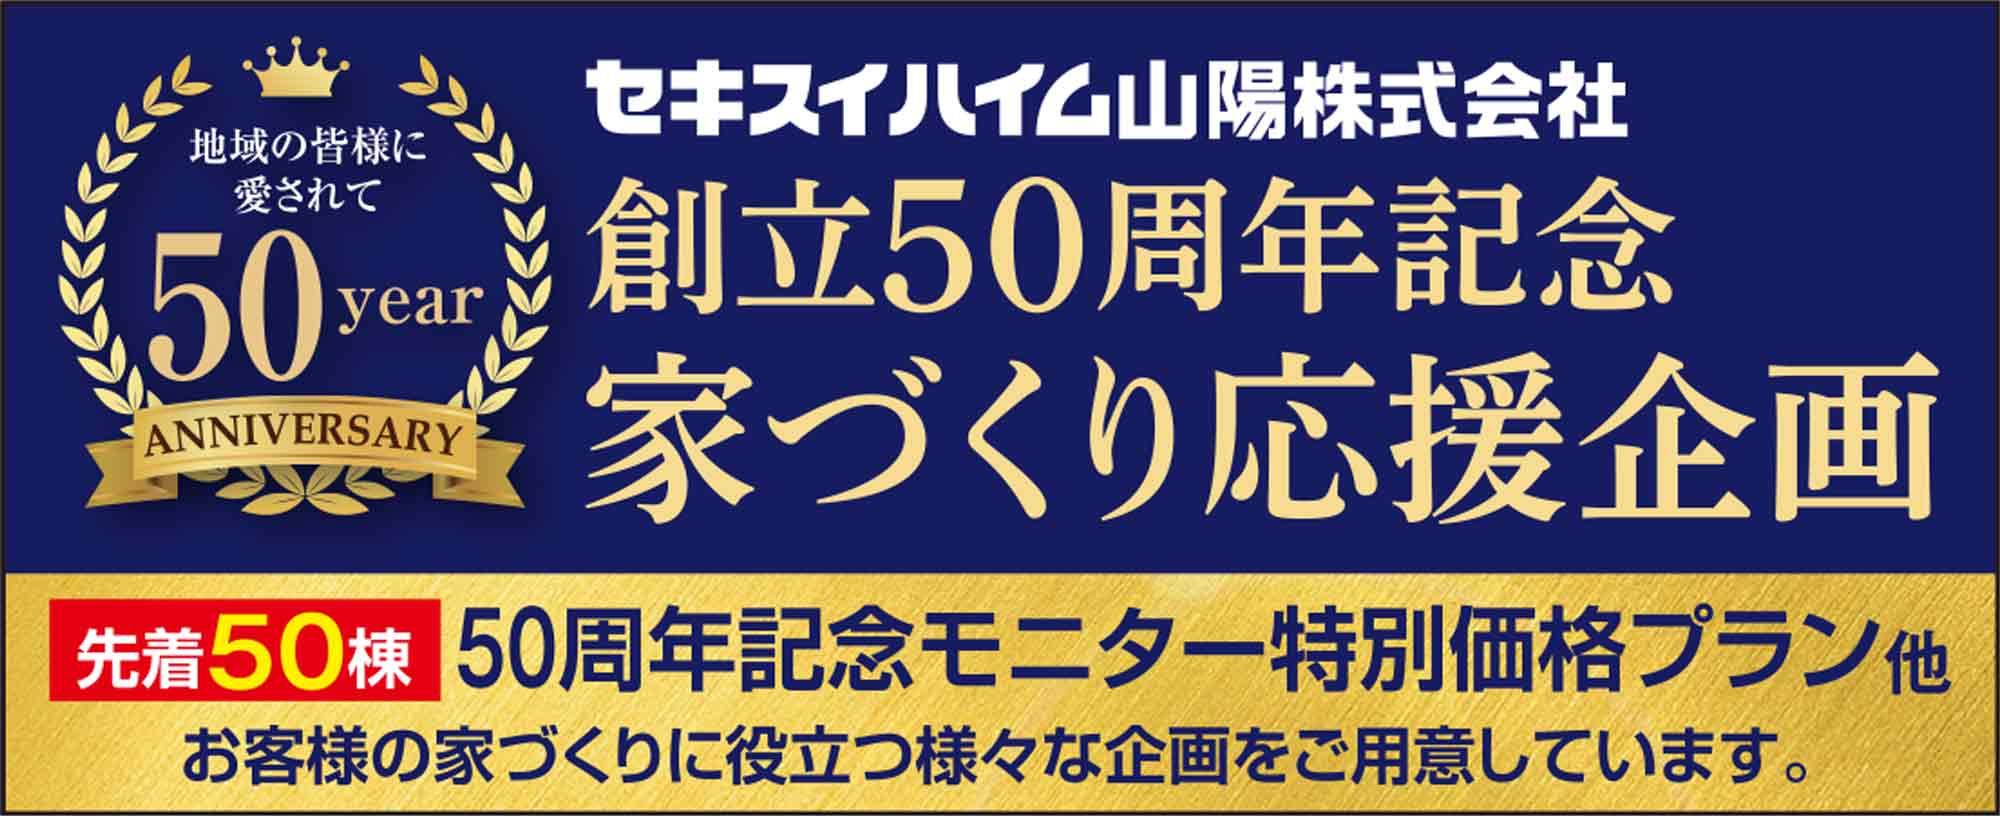 セキスイハイム山陽株式会社 創立50周年 家づくり応援企画